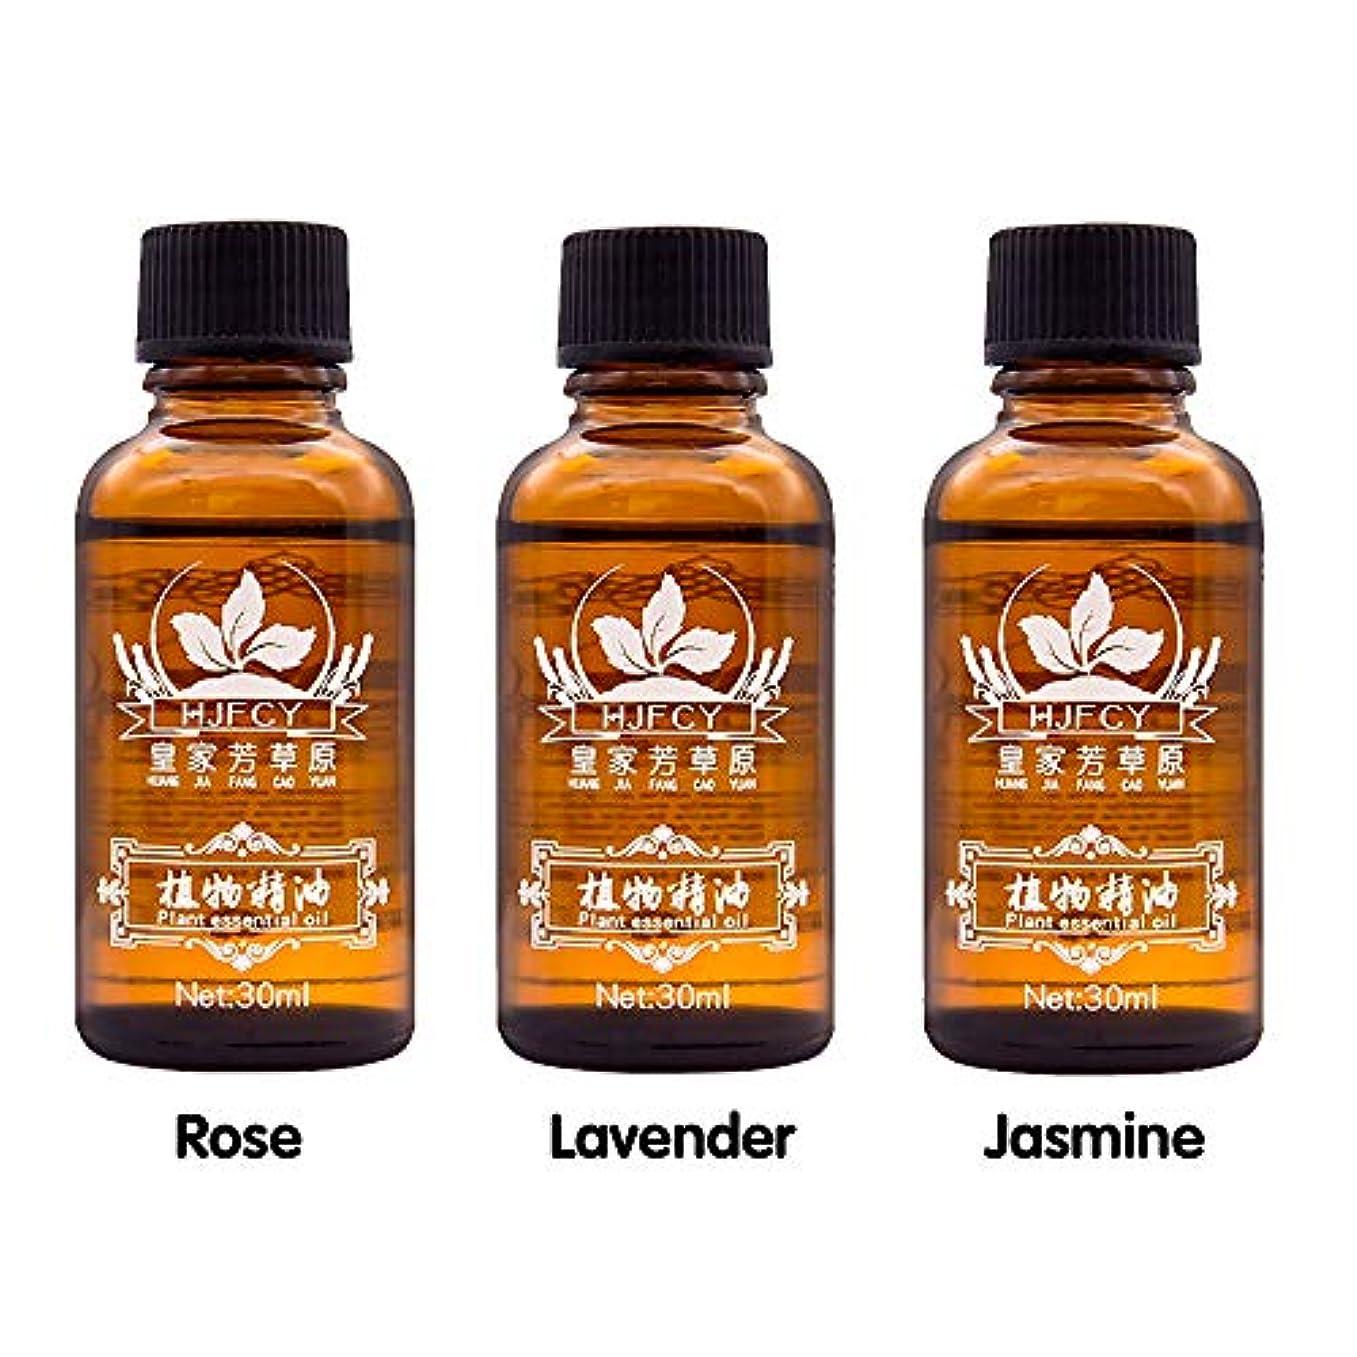 やさしい媒染剤アカウント100%天然エッセンシャルオイル、ローズエッセンシャルオイル、ラベンダーエッセンシャルオイル、ジャスミンエッセンシャルオイル、高品質エッセンシャルオイルマッサージエッセンシャルオイル30ml